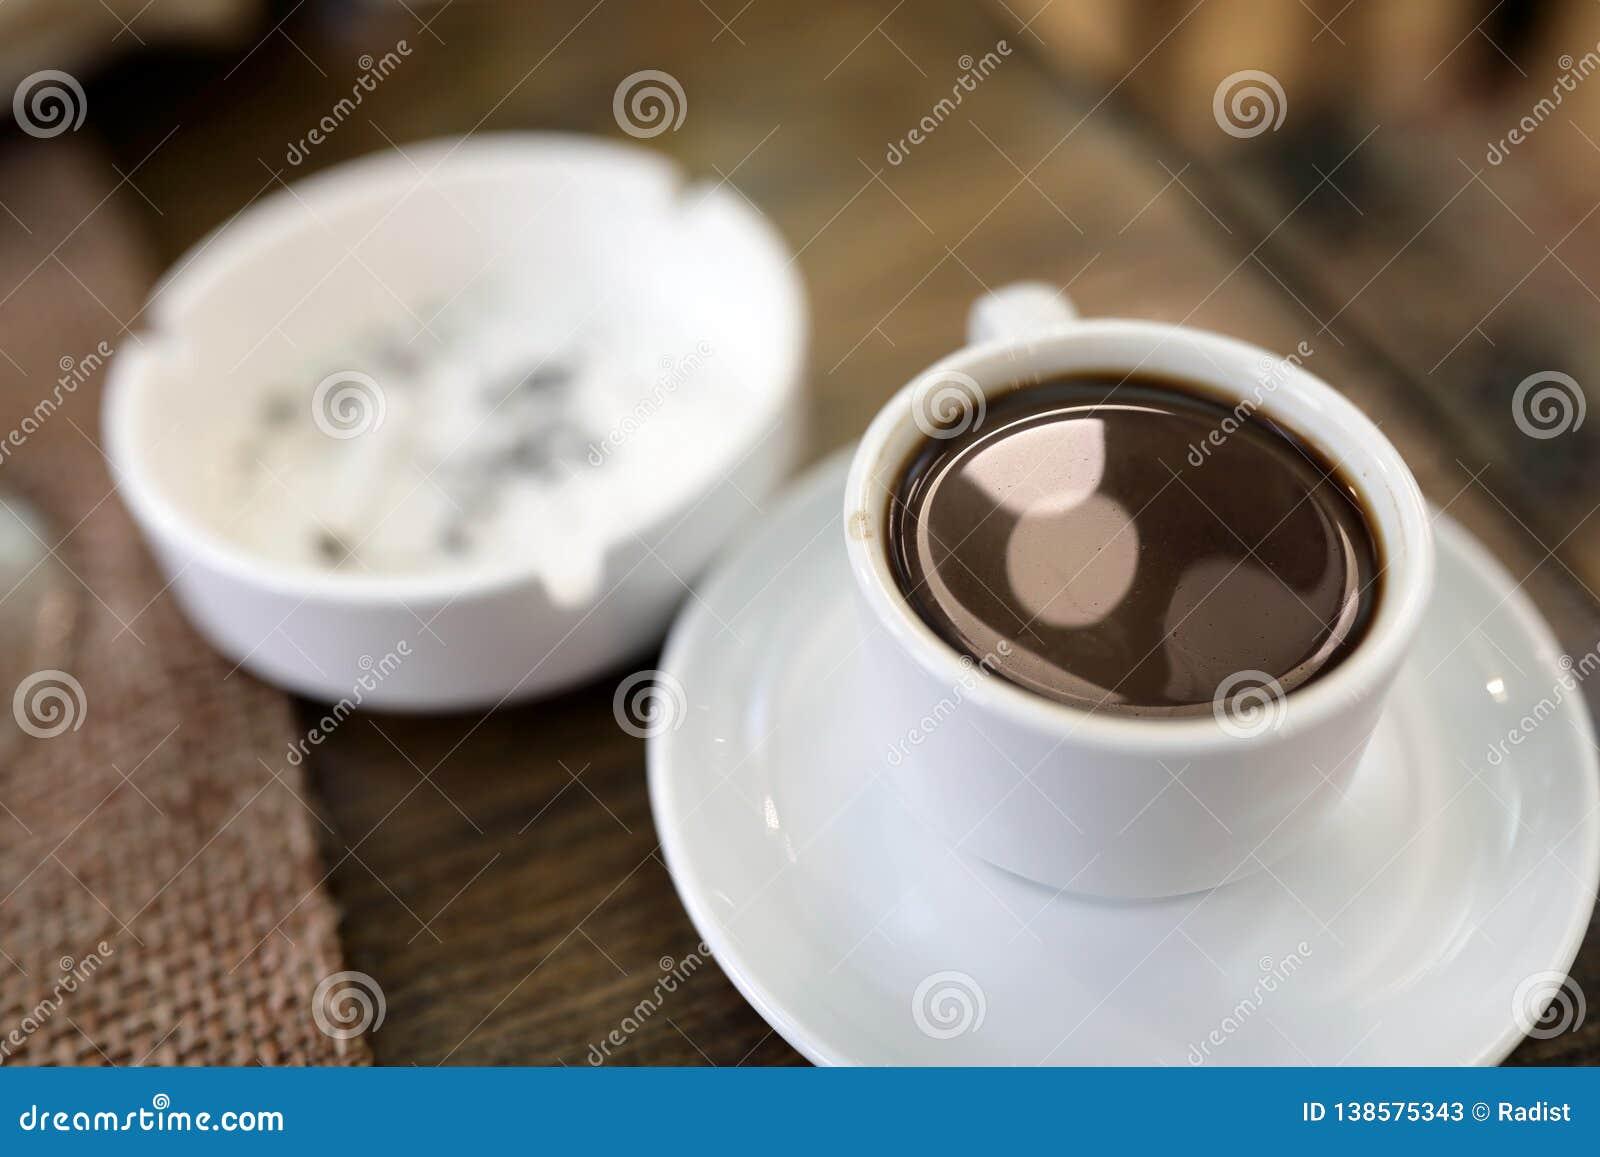 Чашка армянских кофе и ashtray